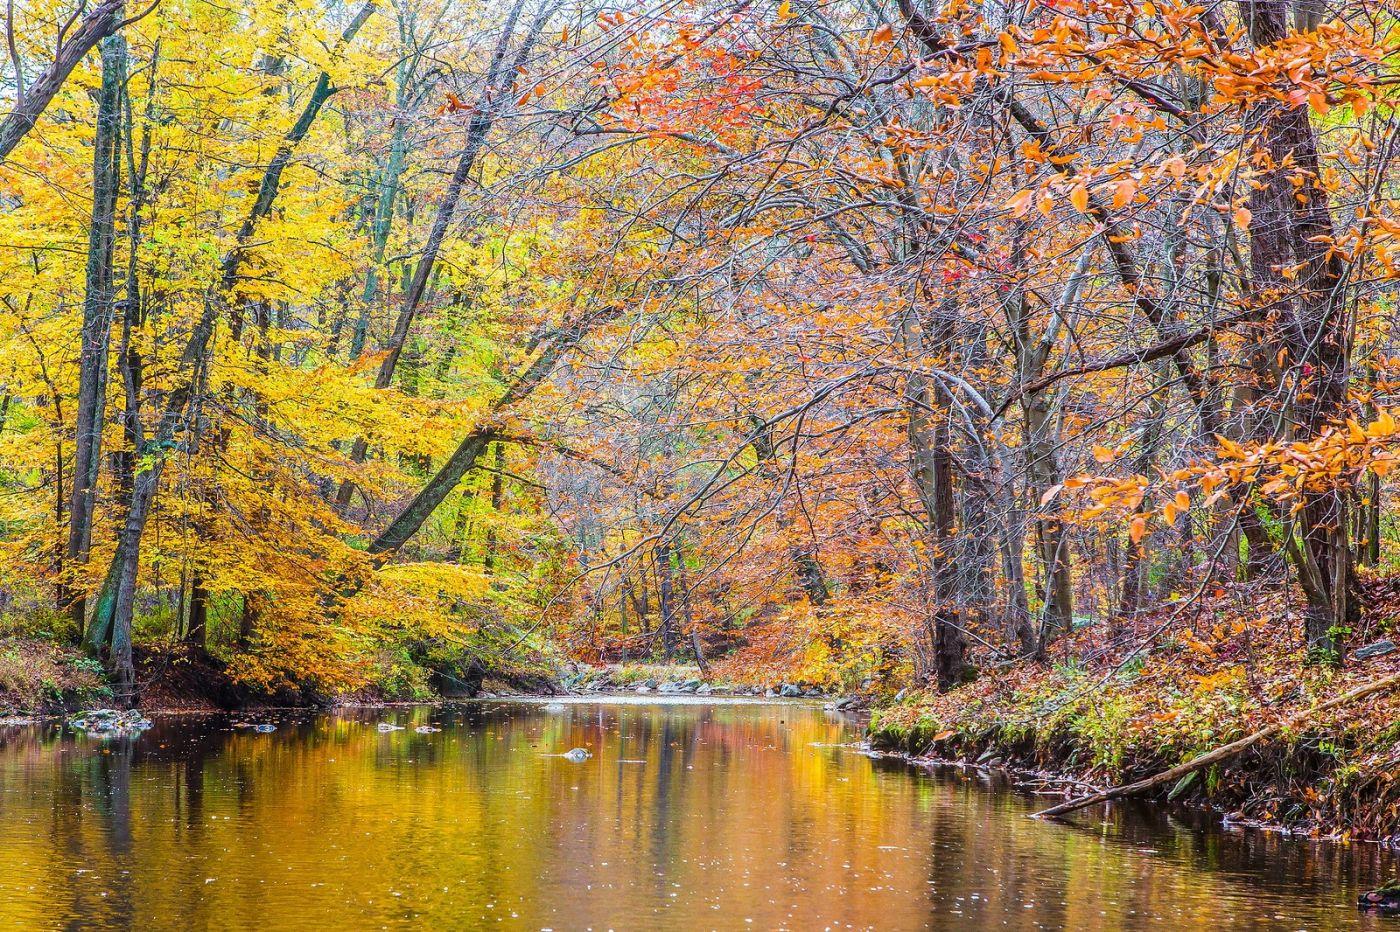 宾州雷德利克里克公园(Ridley creek park),迷人的秋色_图1-2